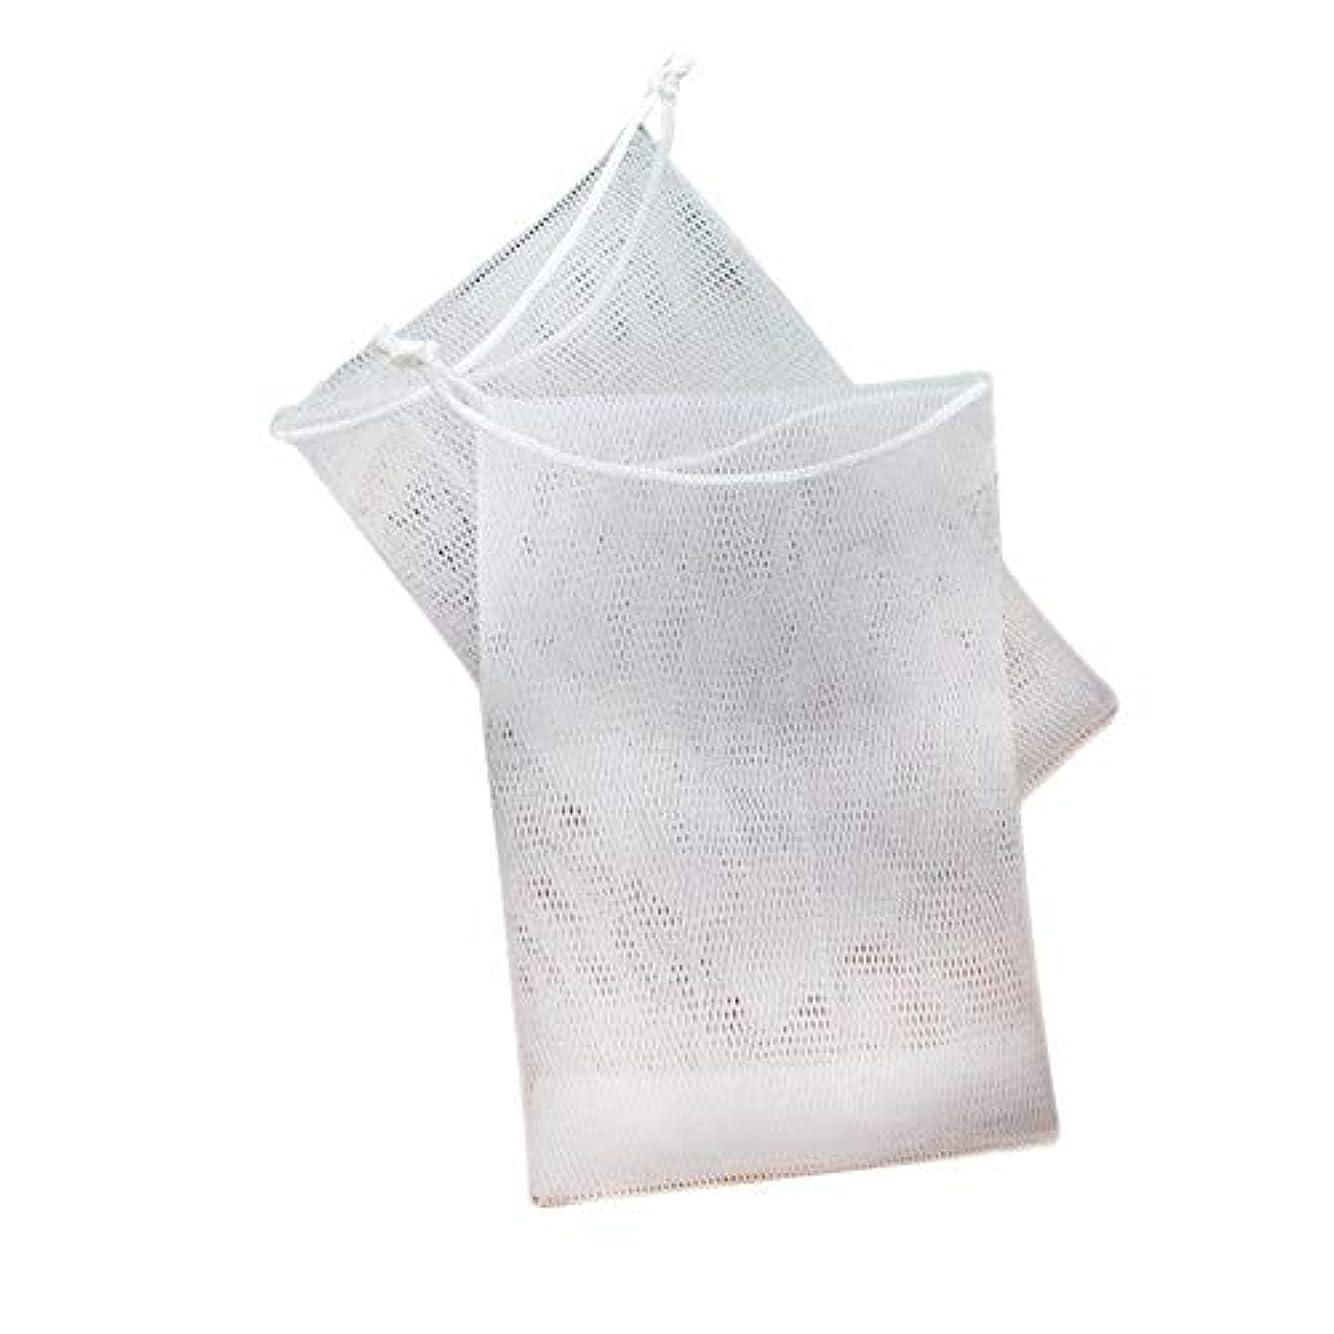 リボン感謝する涙石鹸の袋の網のドローストリング袋は ハンドメイドの石鹸の泡泡ネットメーカーのために掛けることができます 12×9cm